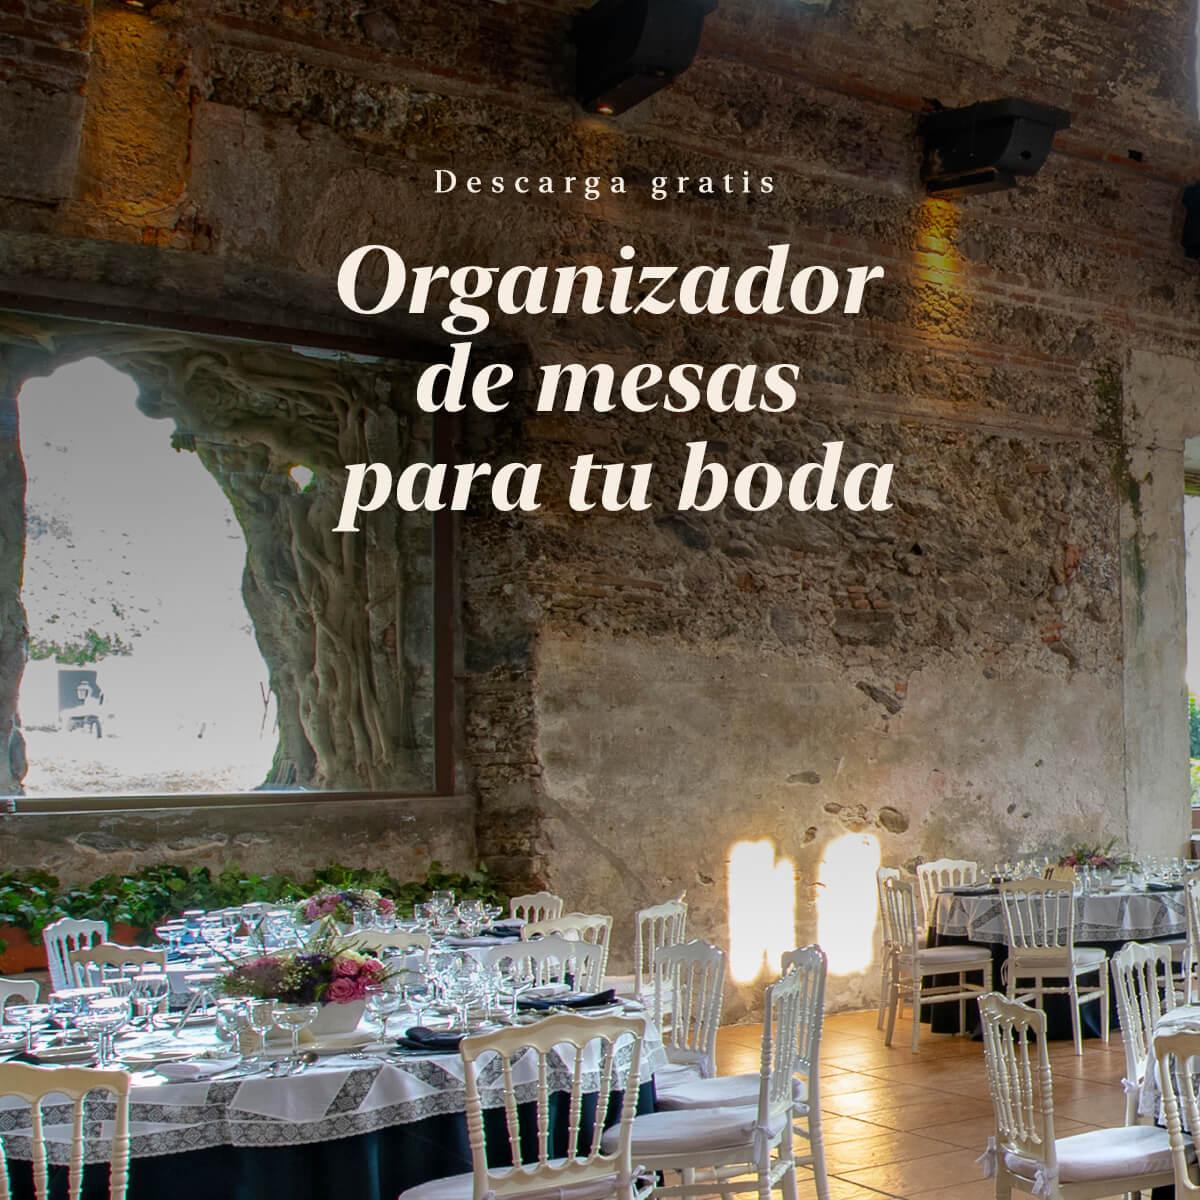 Organizador de mesas